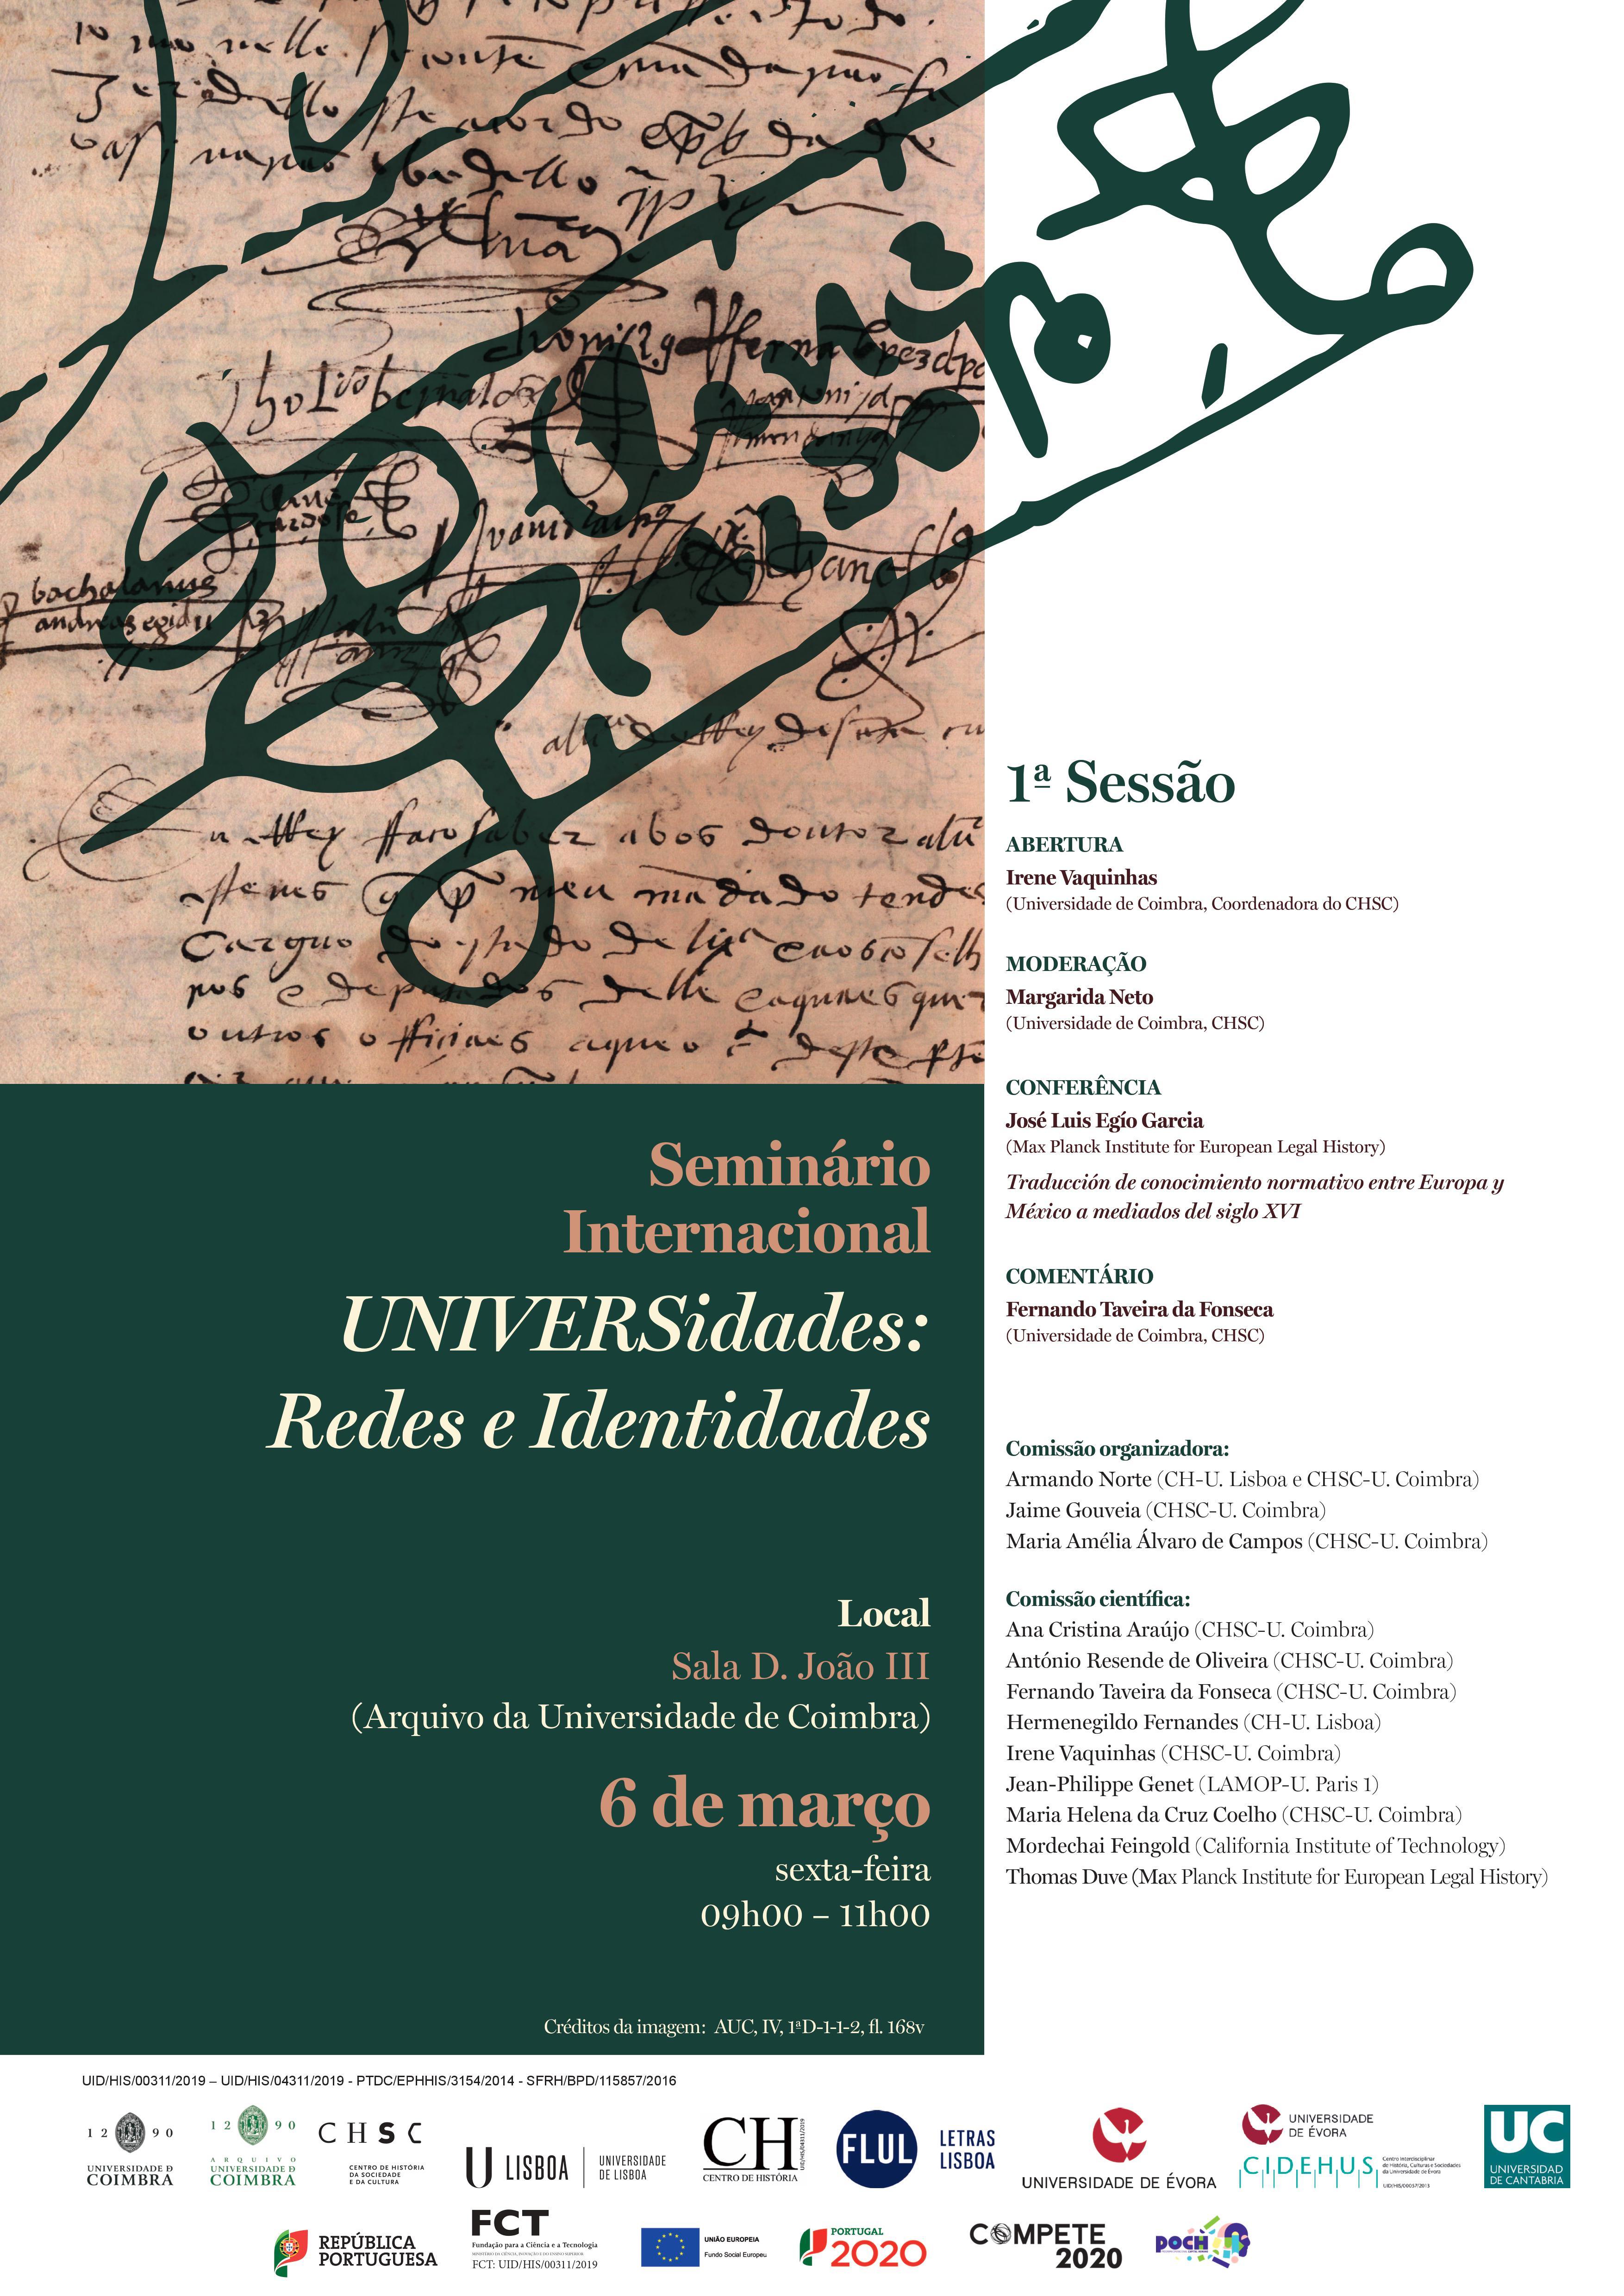 SEMINÁRIO INTERNACIONAL UNIVERSIDADES: REDES E IDENTIDADES – TRADUCCIÓN DE CONOCIMIENTO NORMATIVO ENTRE EUROPA Y MÉXICO A MEDIADOS DEL SIGLO XVI